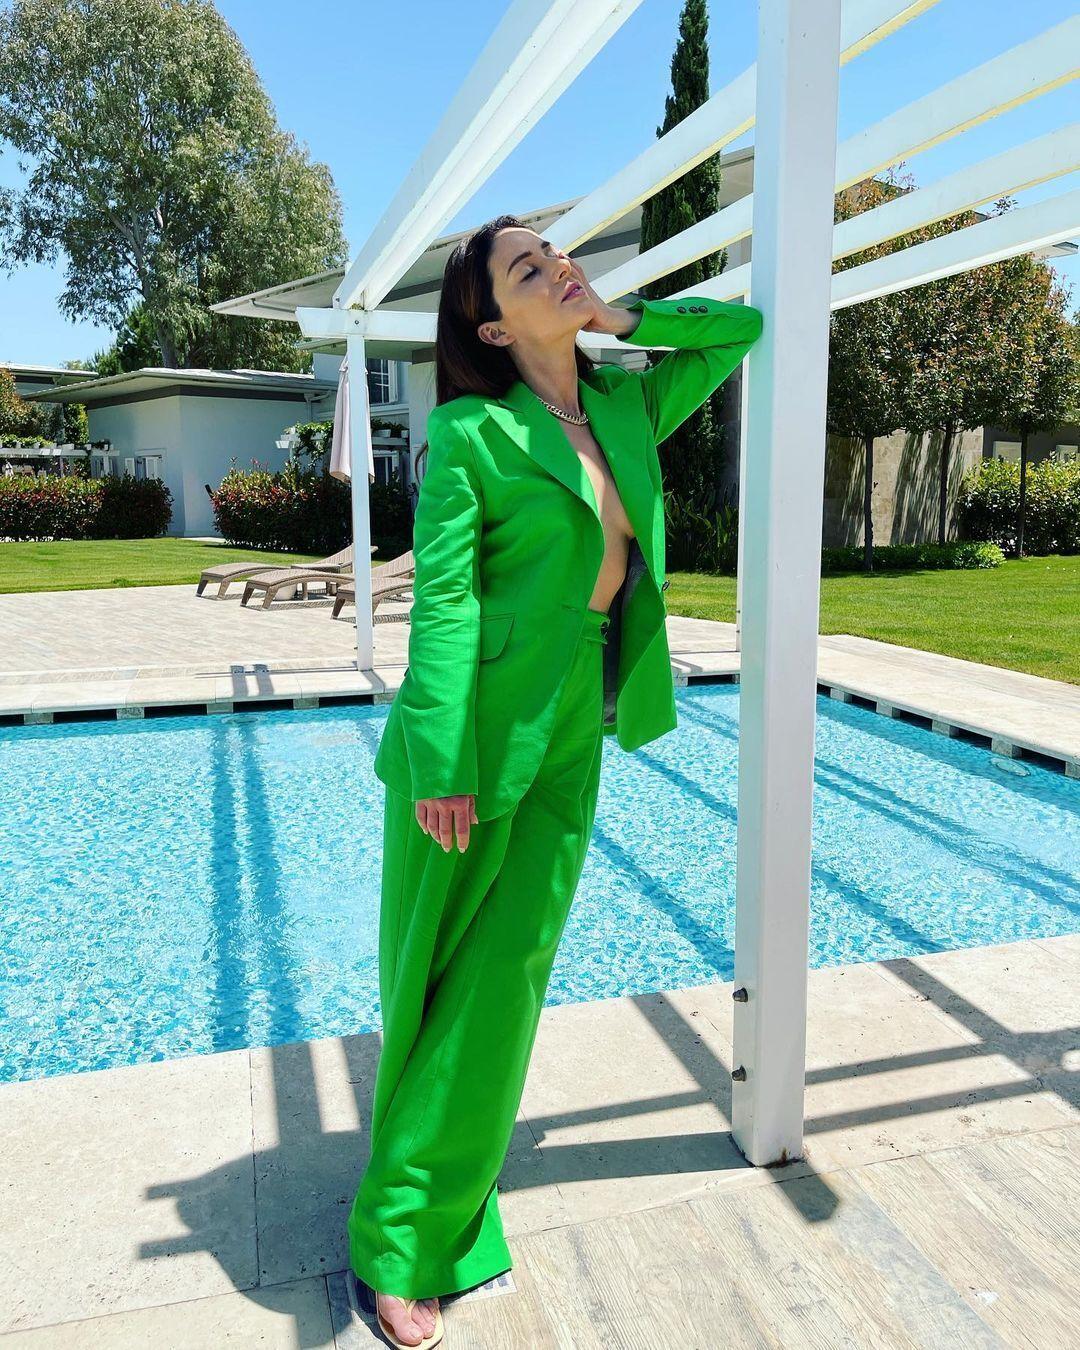 Злата Огневич позує в зеленому костюмі біля басейну